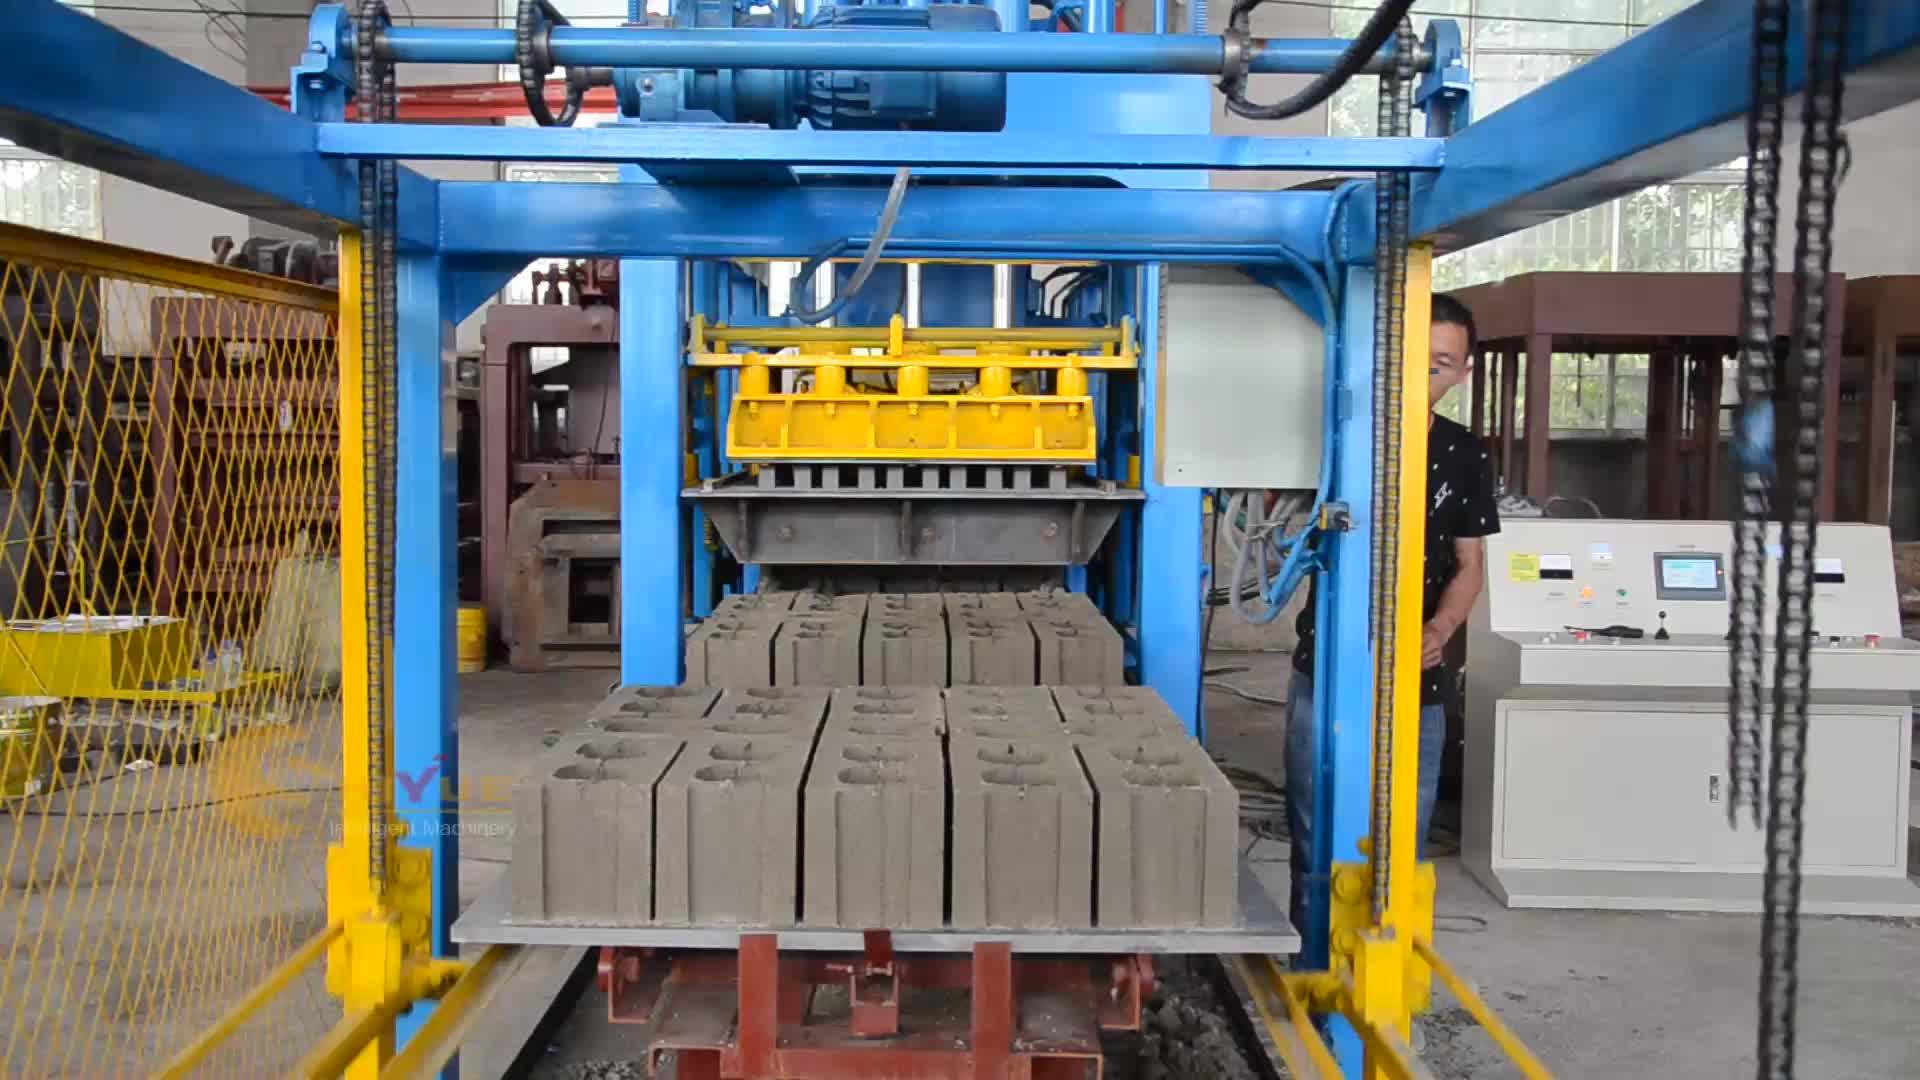 QT8-15 yaygın olarak kullanılan usa satılık beton blok yapma makinesi